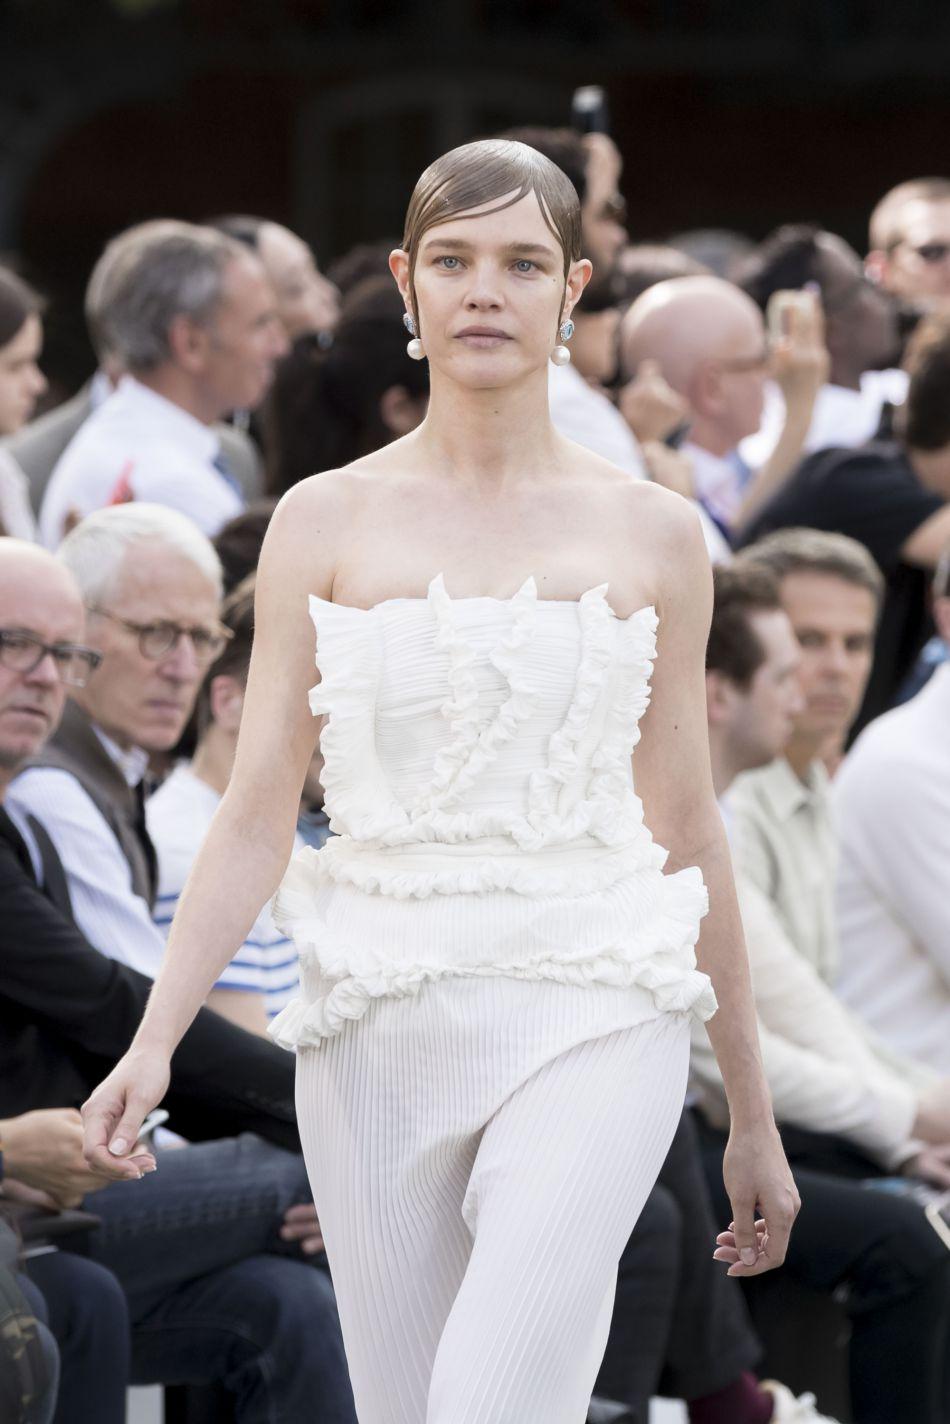 Le 4 juin, Natalia Vodianova donnait naissance à son 5e enfant. Le 24, elle défilé pour Givenchy à Paris !